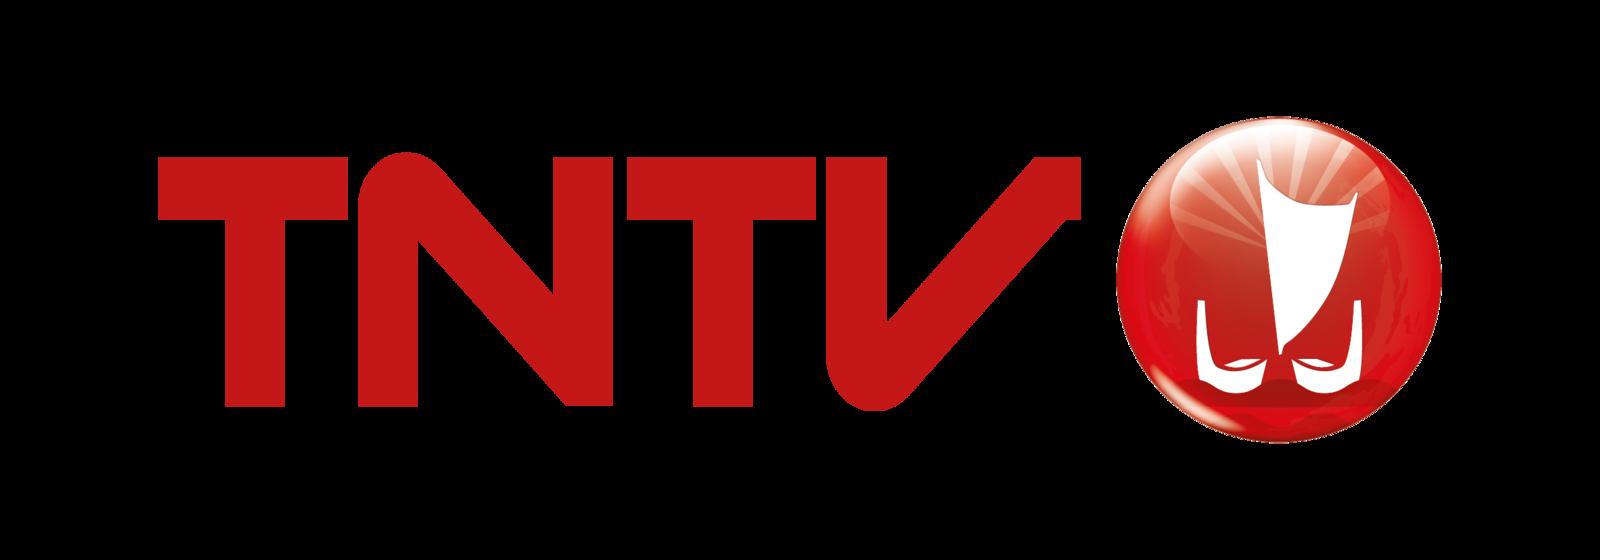 TNTV : Pas de journaux télévisés durant deux jours à cause de la COVID-19 !